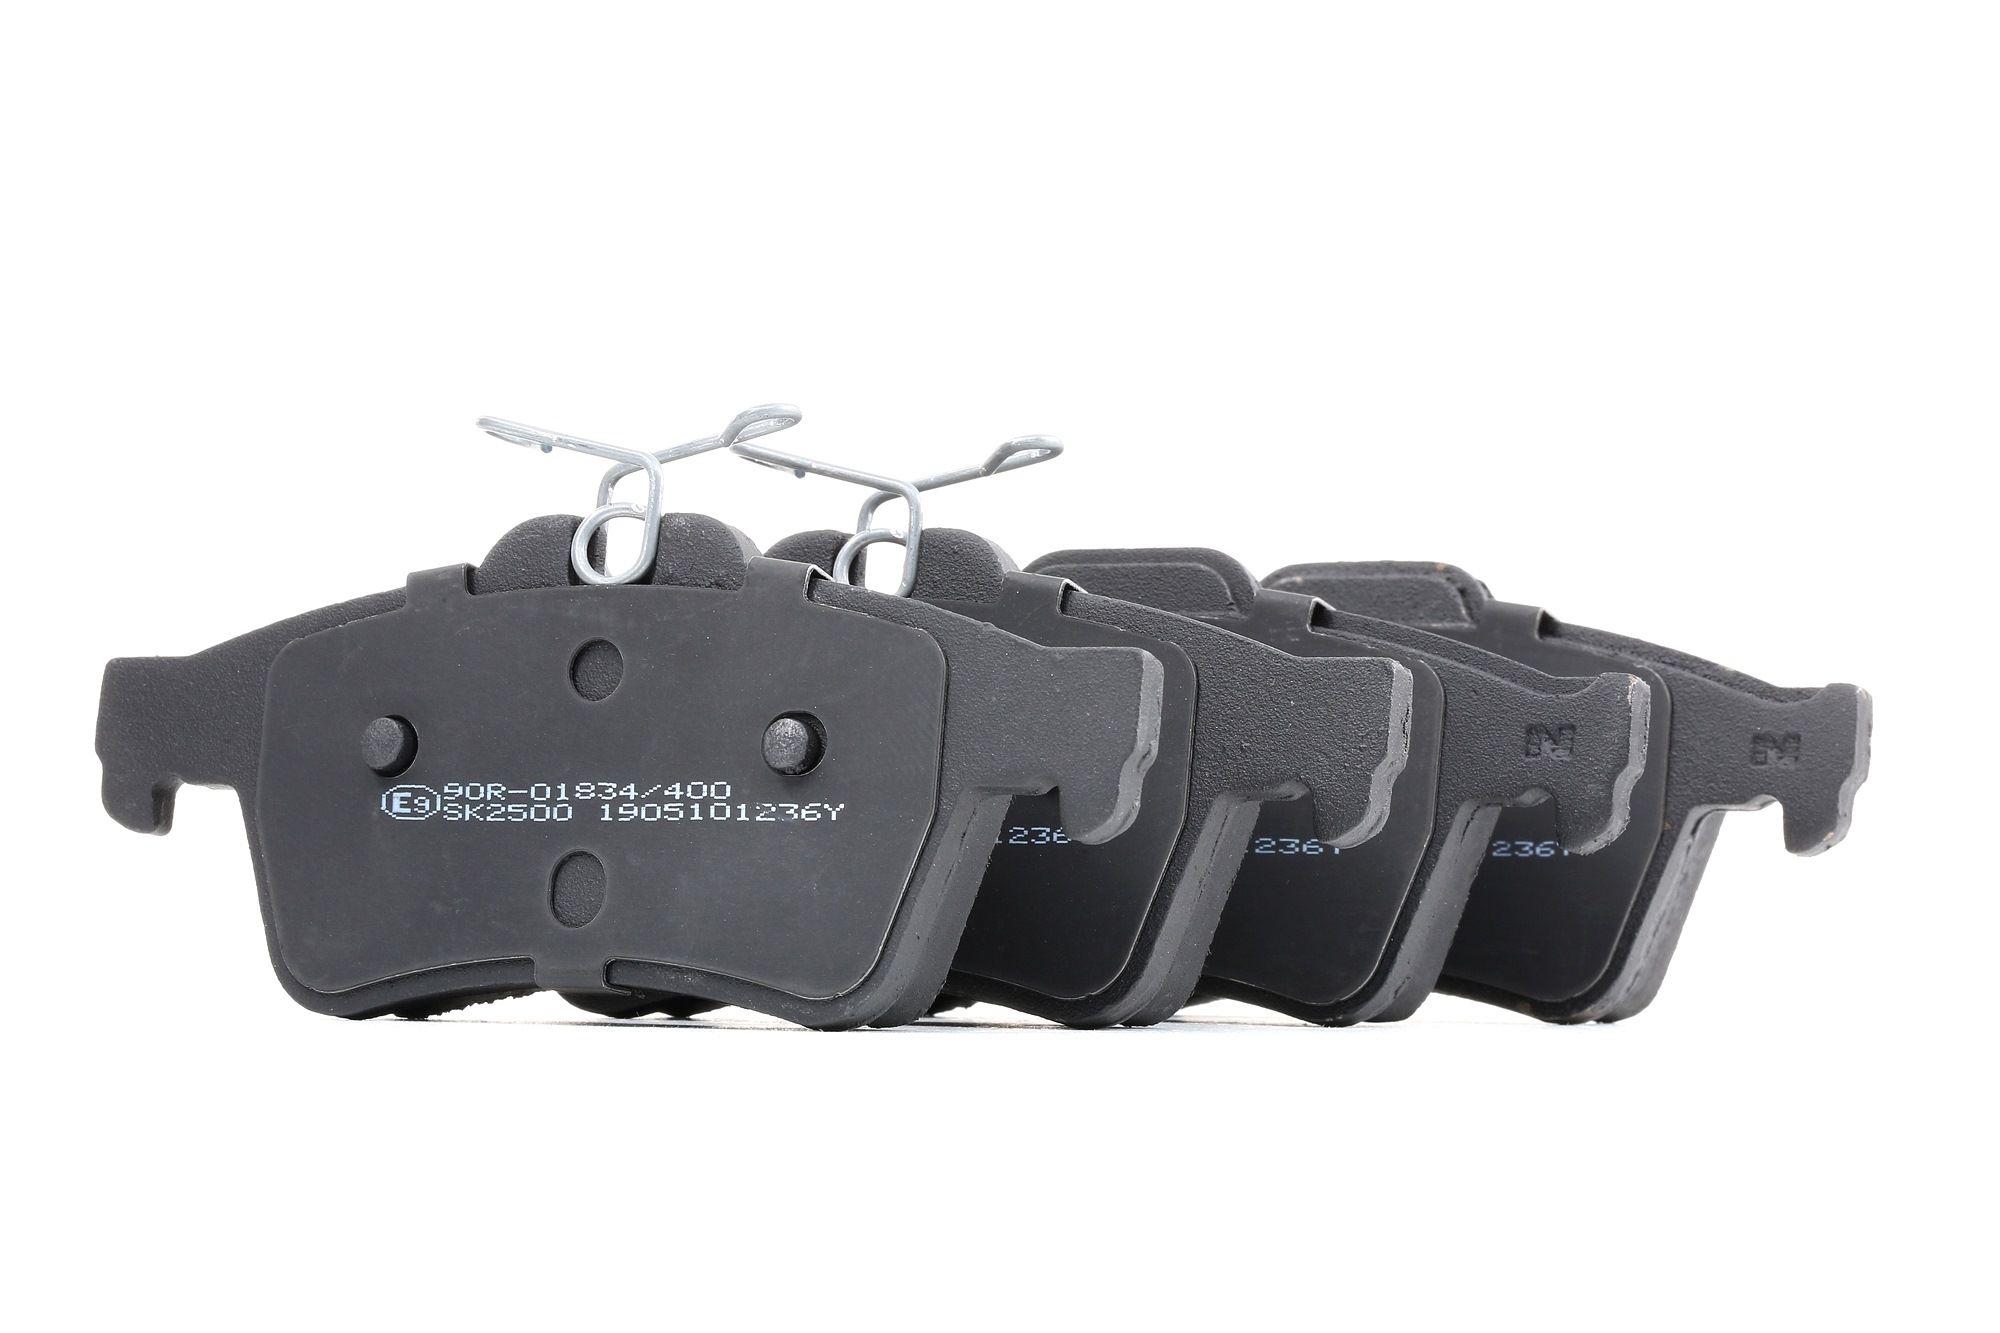 Achetez Kit de plaquettes de frein LPR 05P1236 (Hauteur: 51,9mm, Largeur: 123mm, Épaisseur: 16,6mm) à un rapport qualité-prix exceptionnel